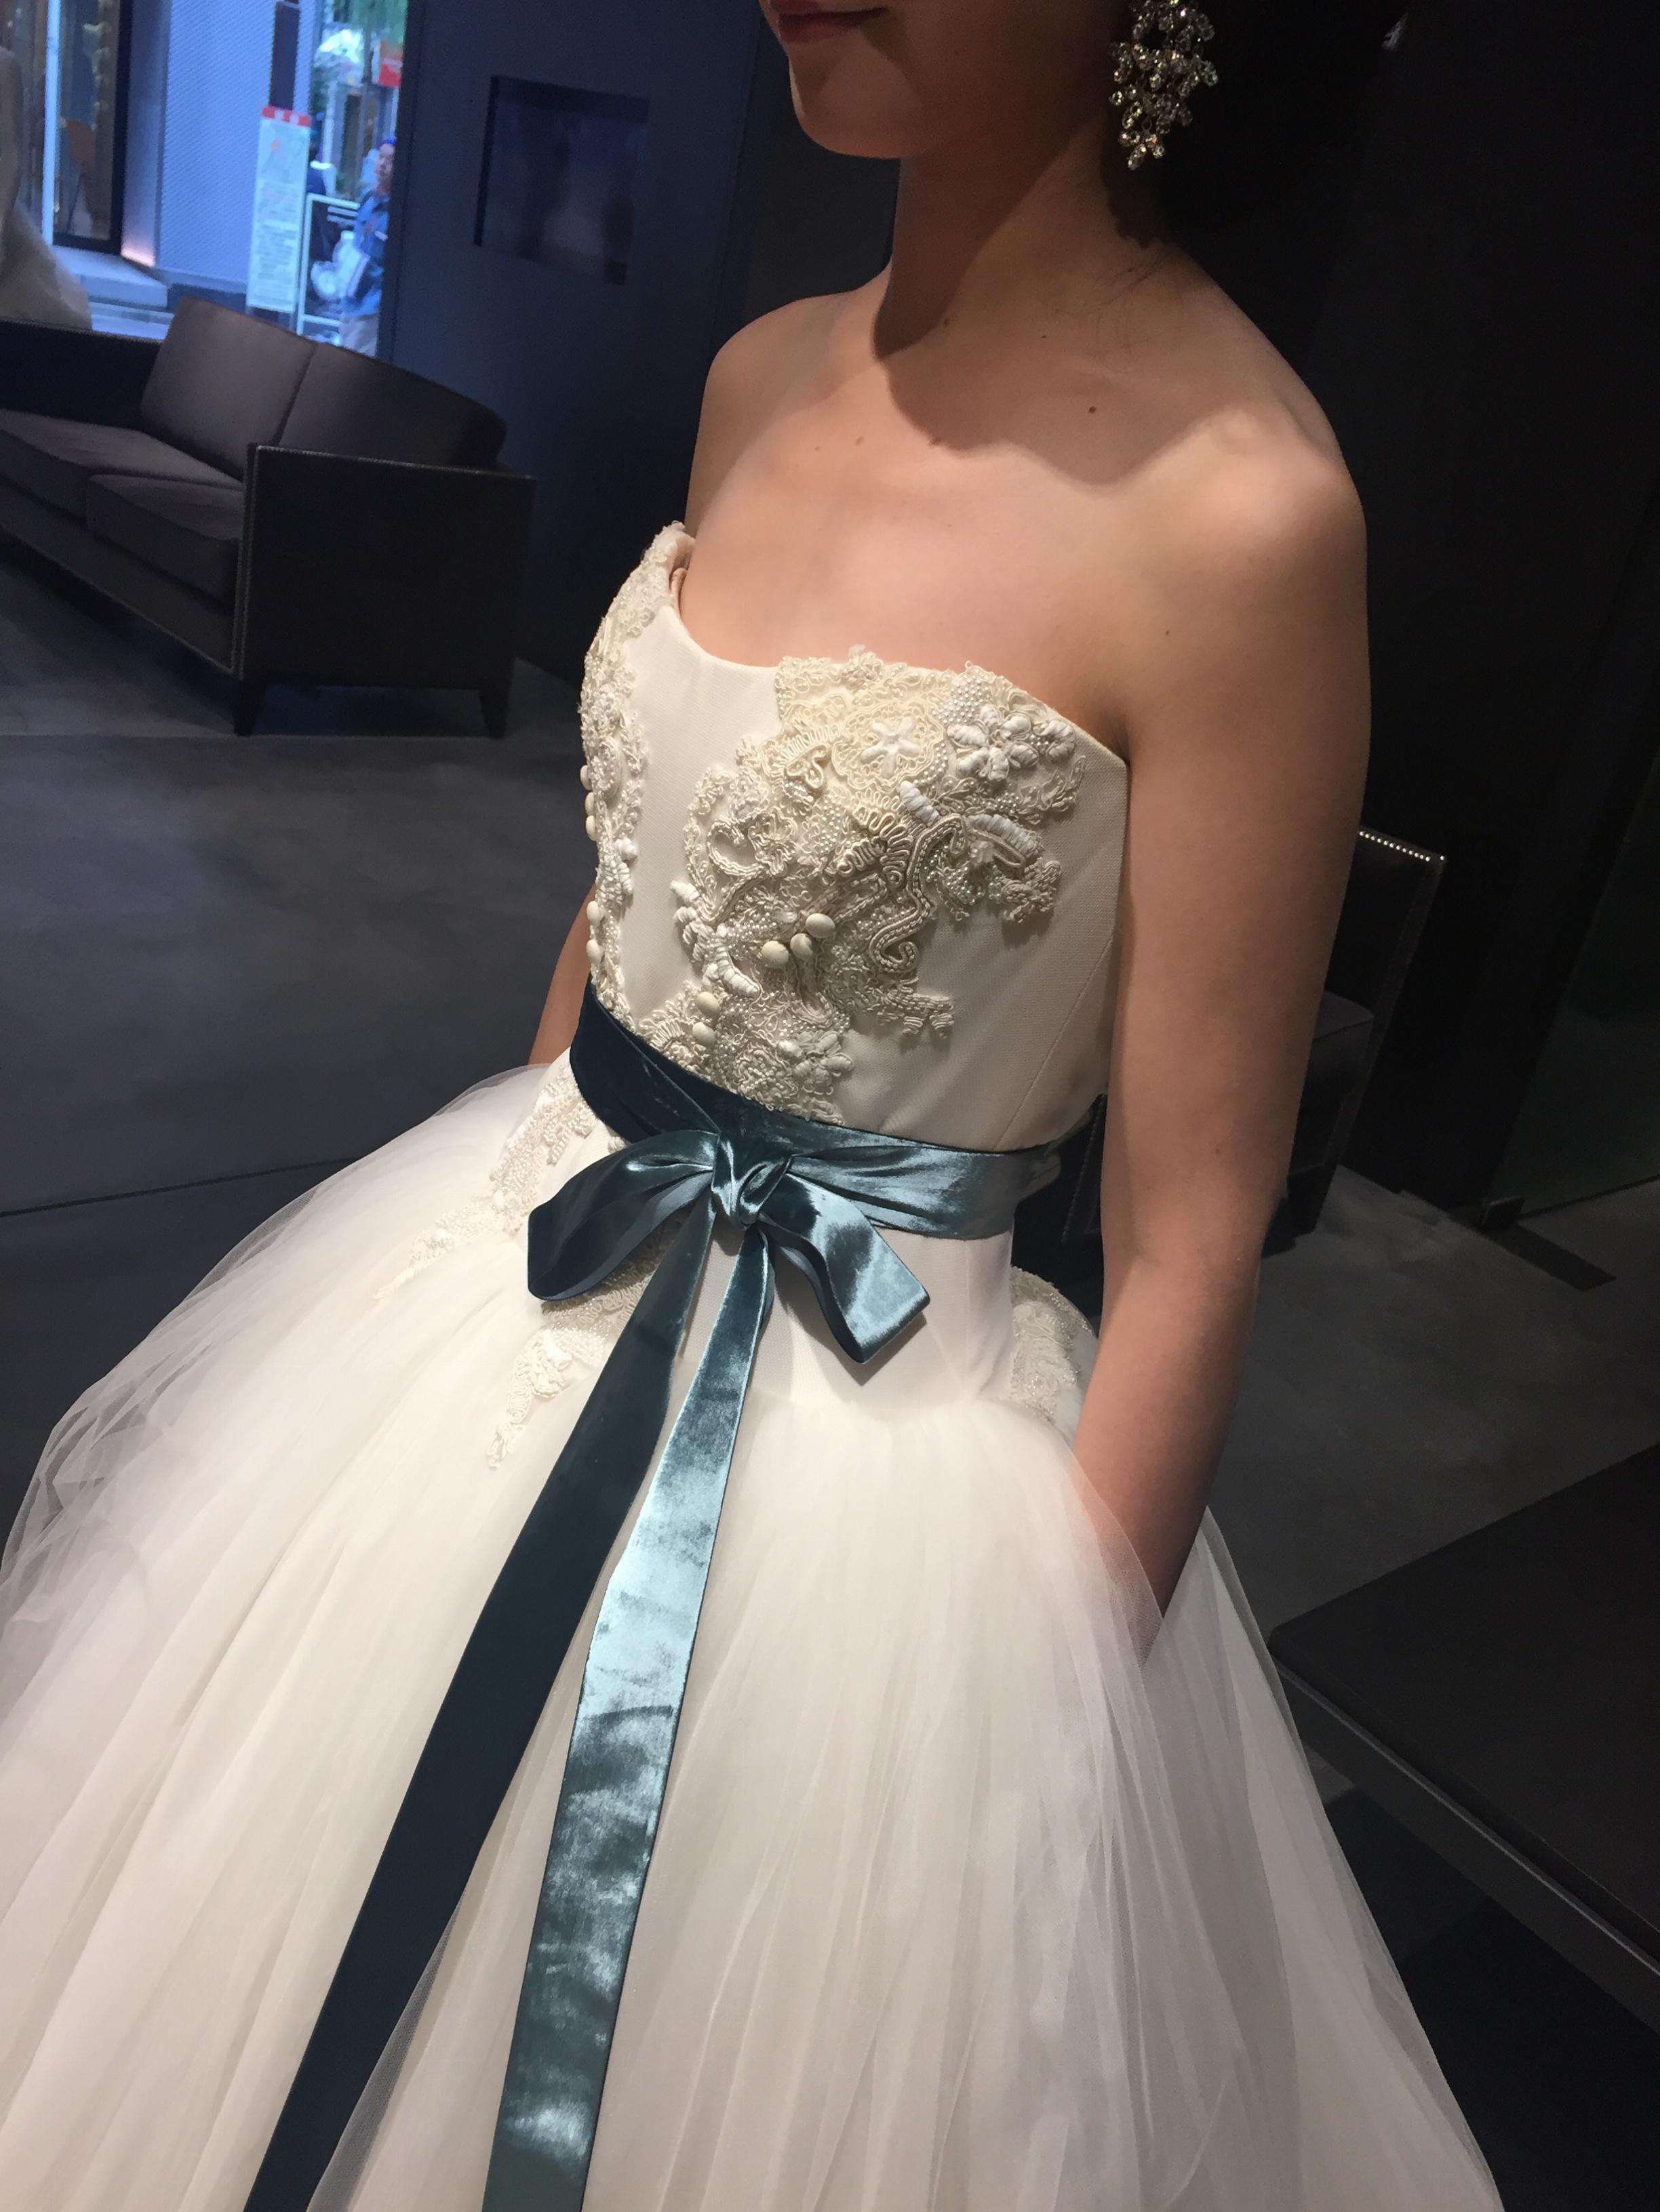 【#ドレス迷子】weddingドレス、実際に着てみました✧asuの運命の1着に巡り合うまでのドレス試着レポート①_5